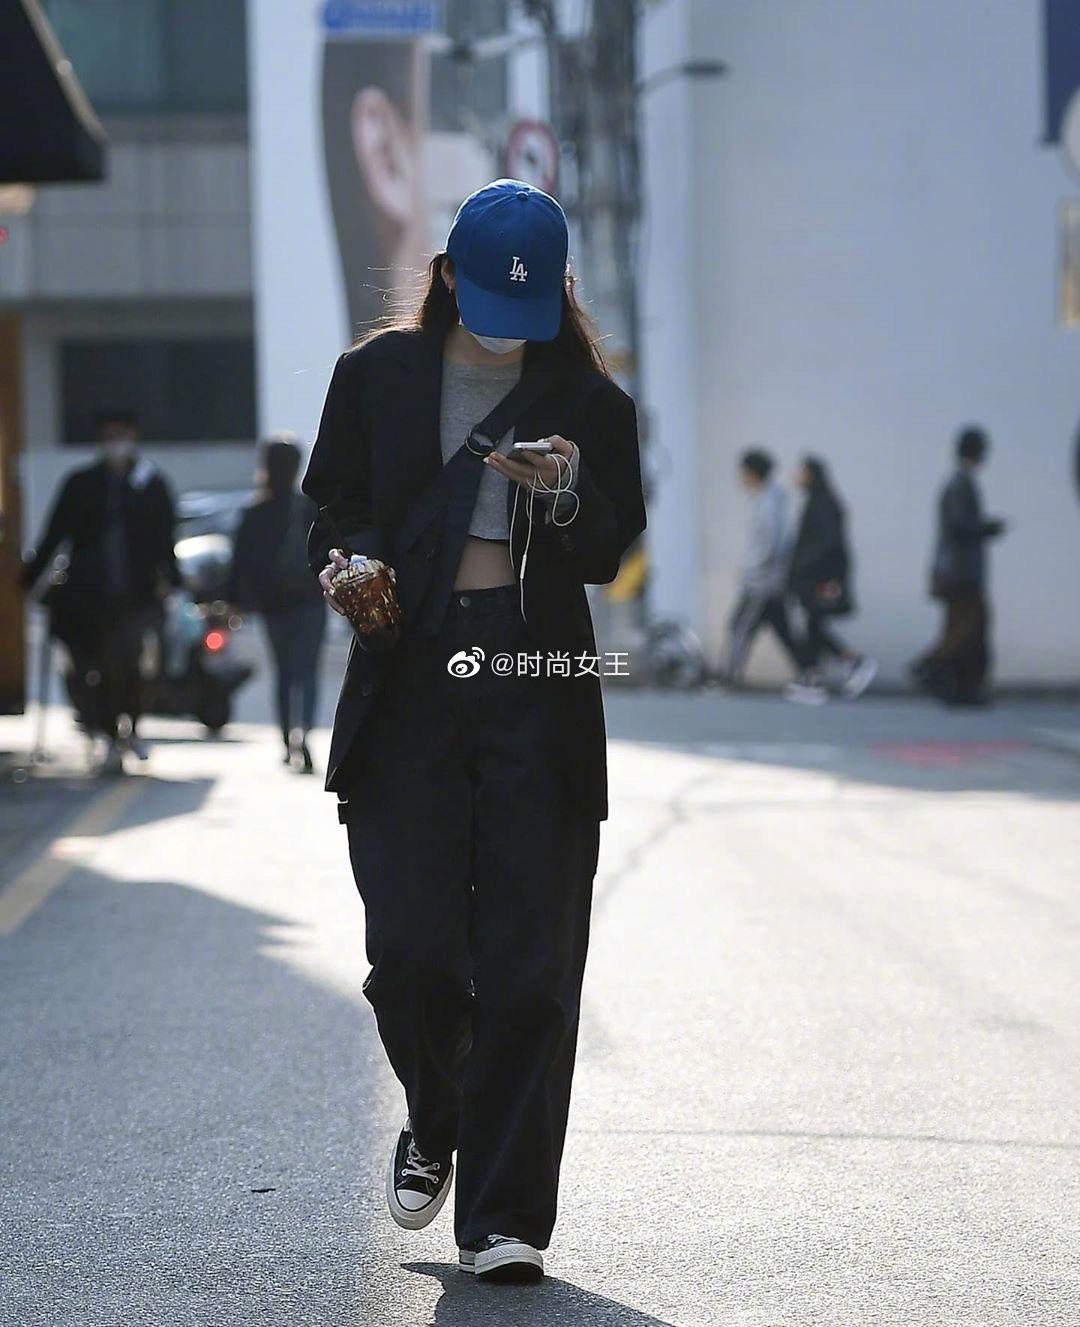 首尔街头的帅气小姐姐们,她们的穿搭很值得高个子女生学习哦……